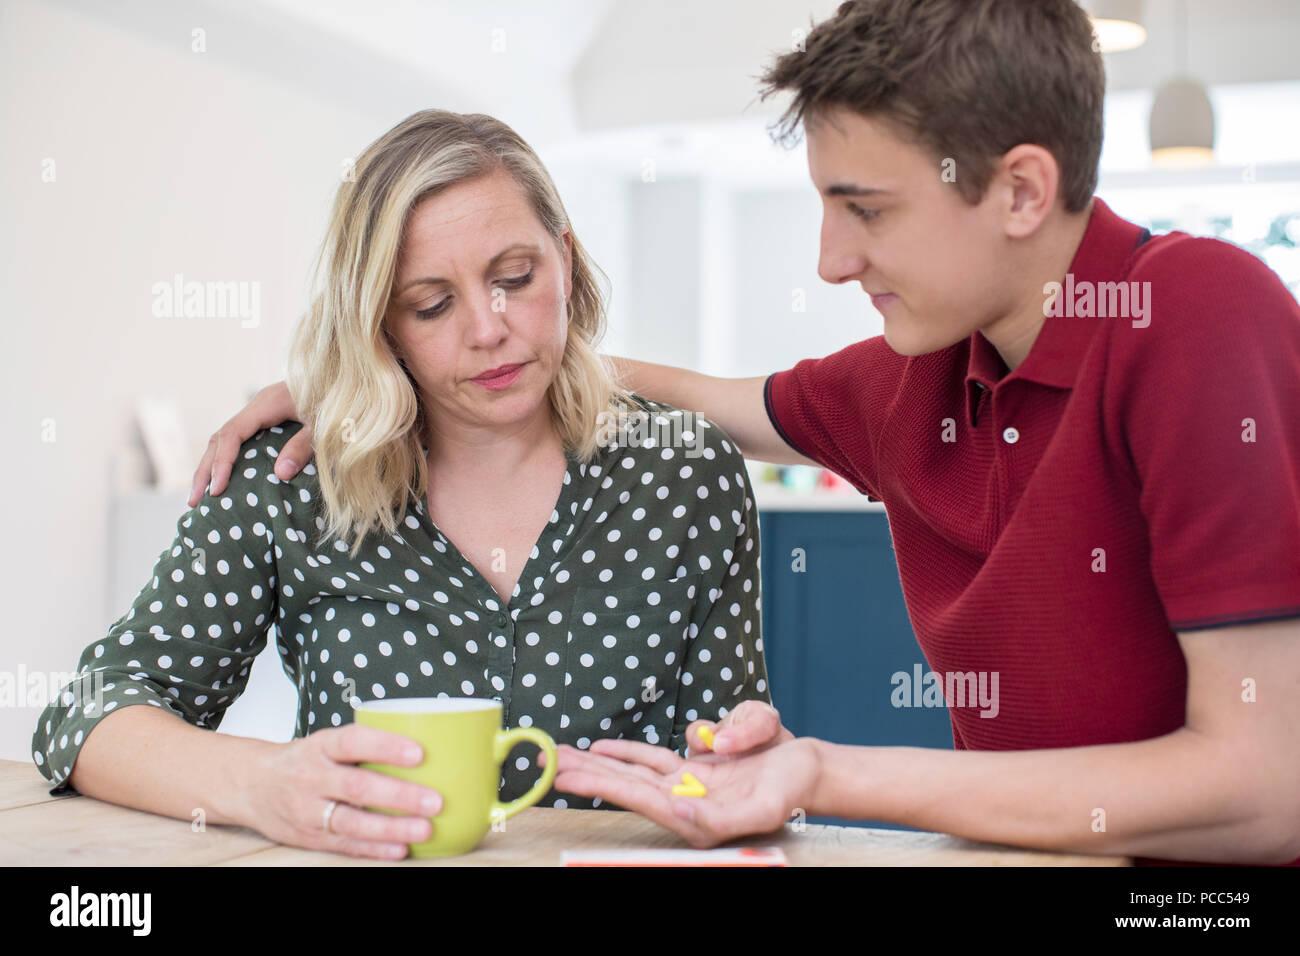 Figlio adolescente genitore aiuta la sofferenza con problemi di salute mentale con la medicazione Immagini Stock